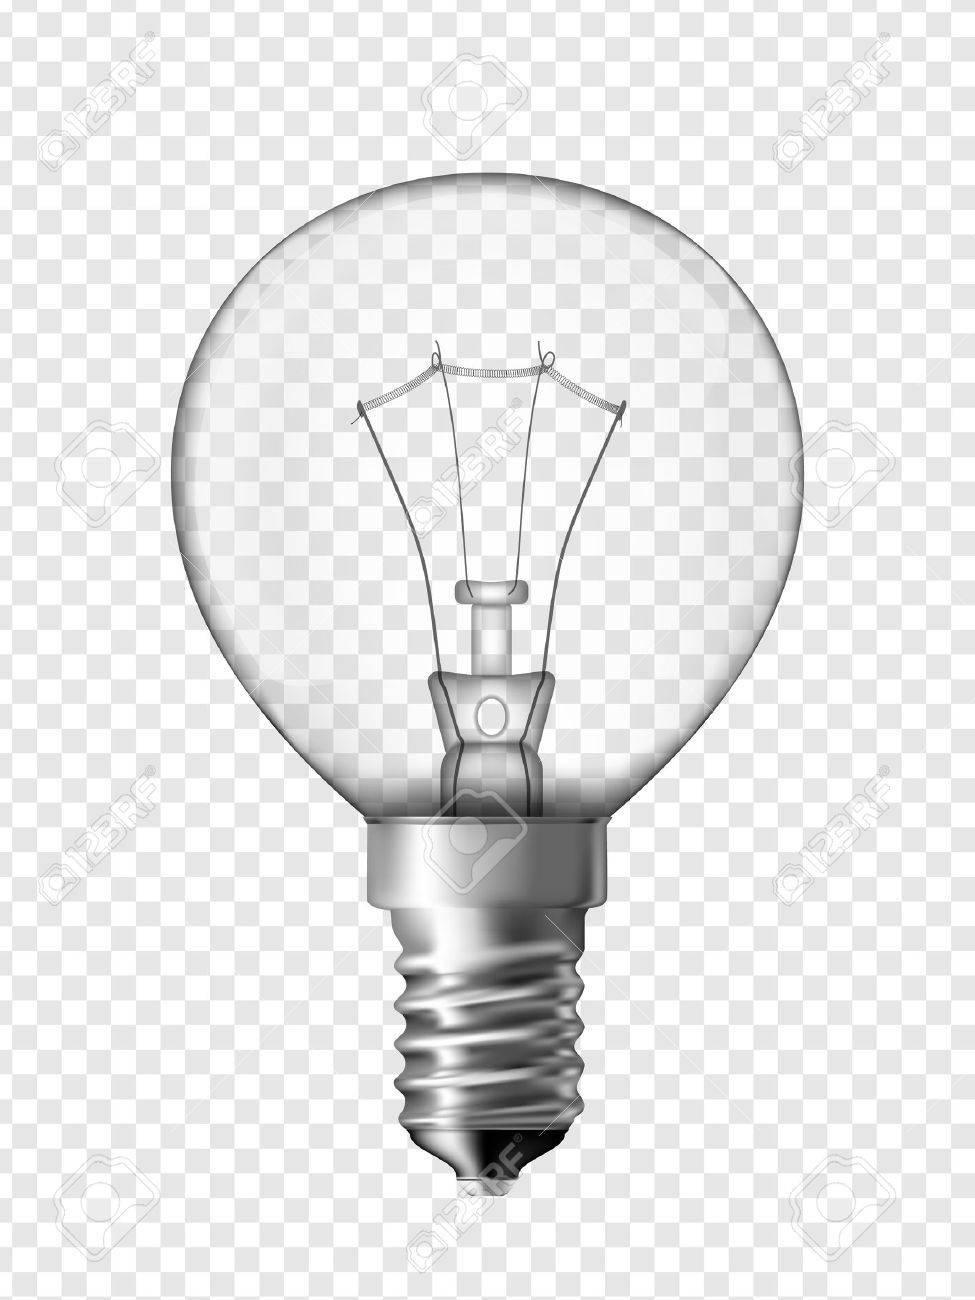 Puissance ampoule pour lampe de chevet